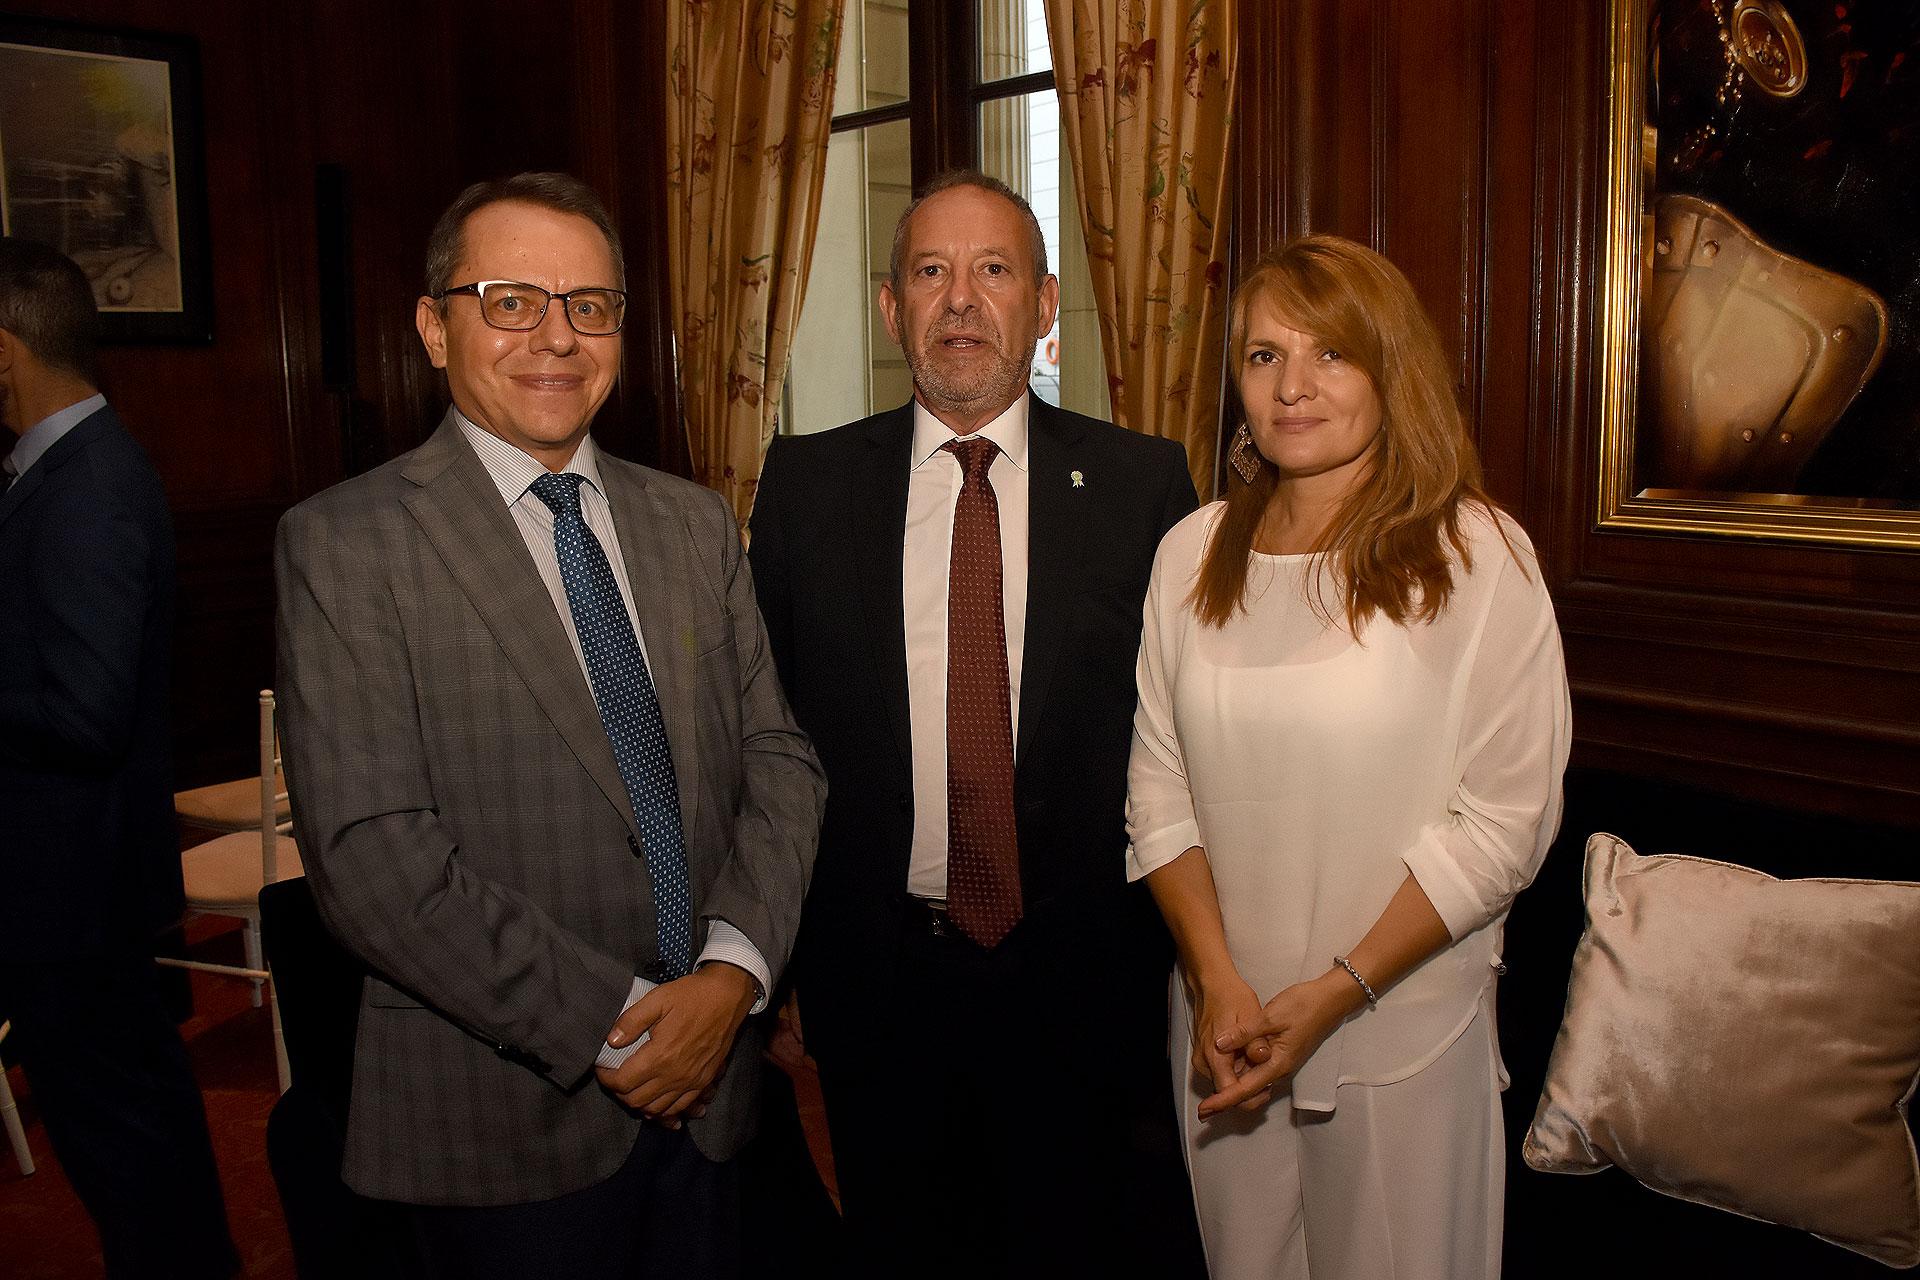 Yurii Diudin, embajador de Ucrania en Argentina, junto a Emilio Perina, director general del archivo General de la Nación y su esposa